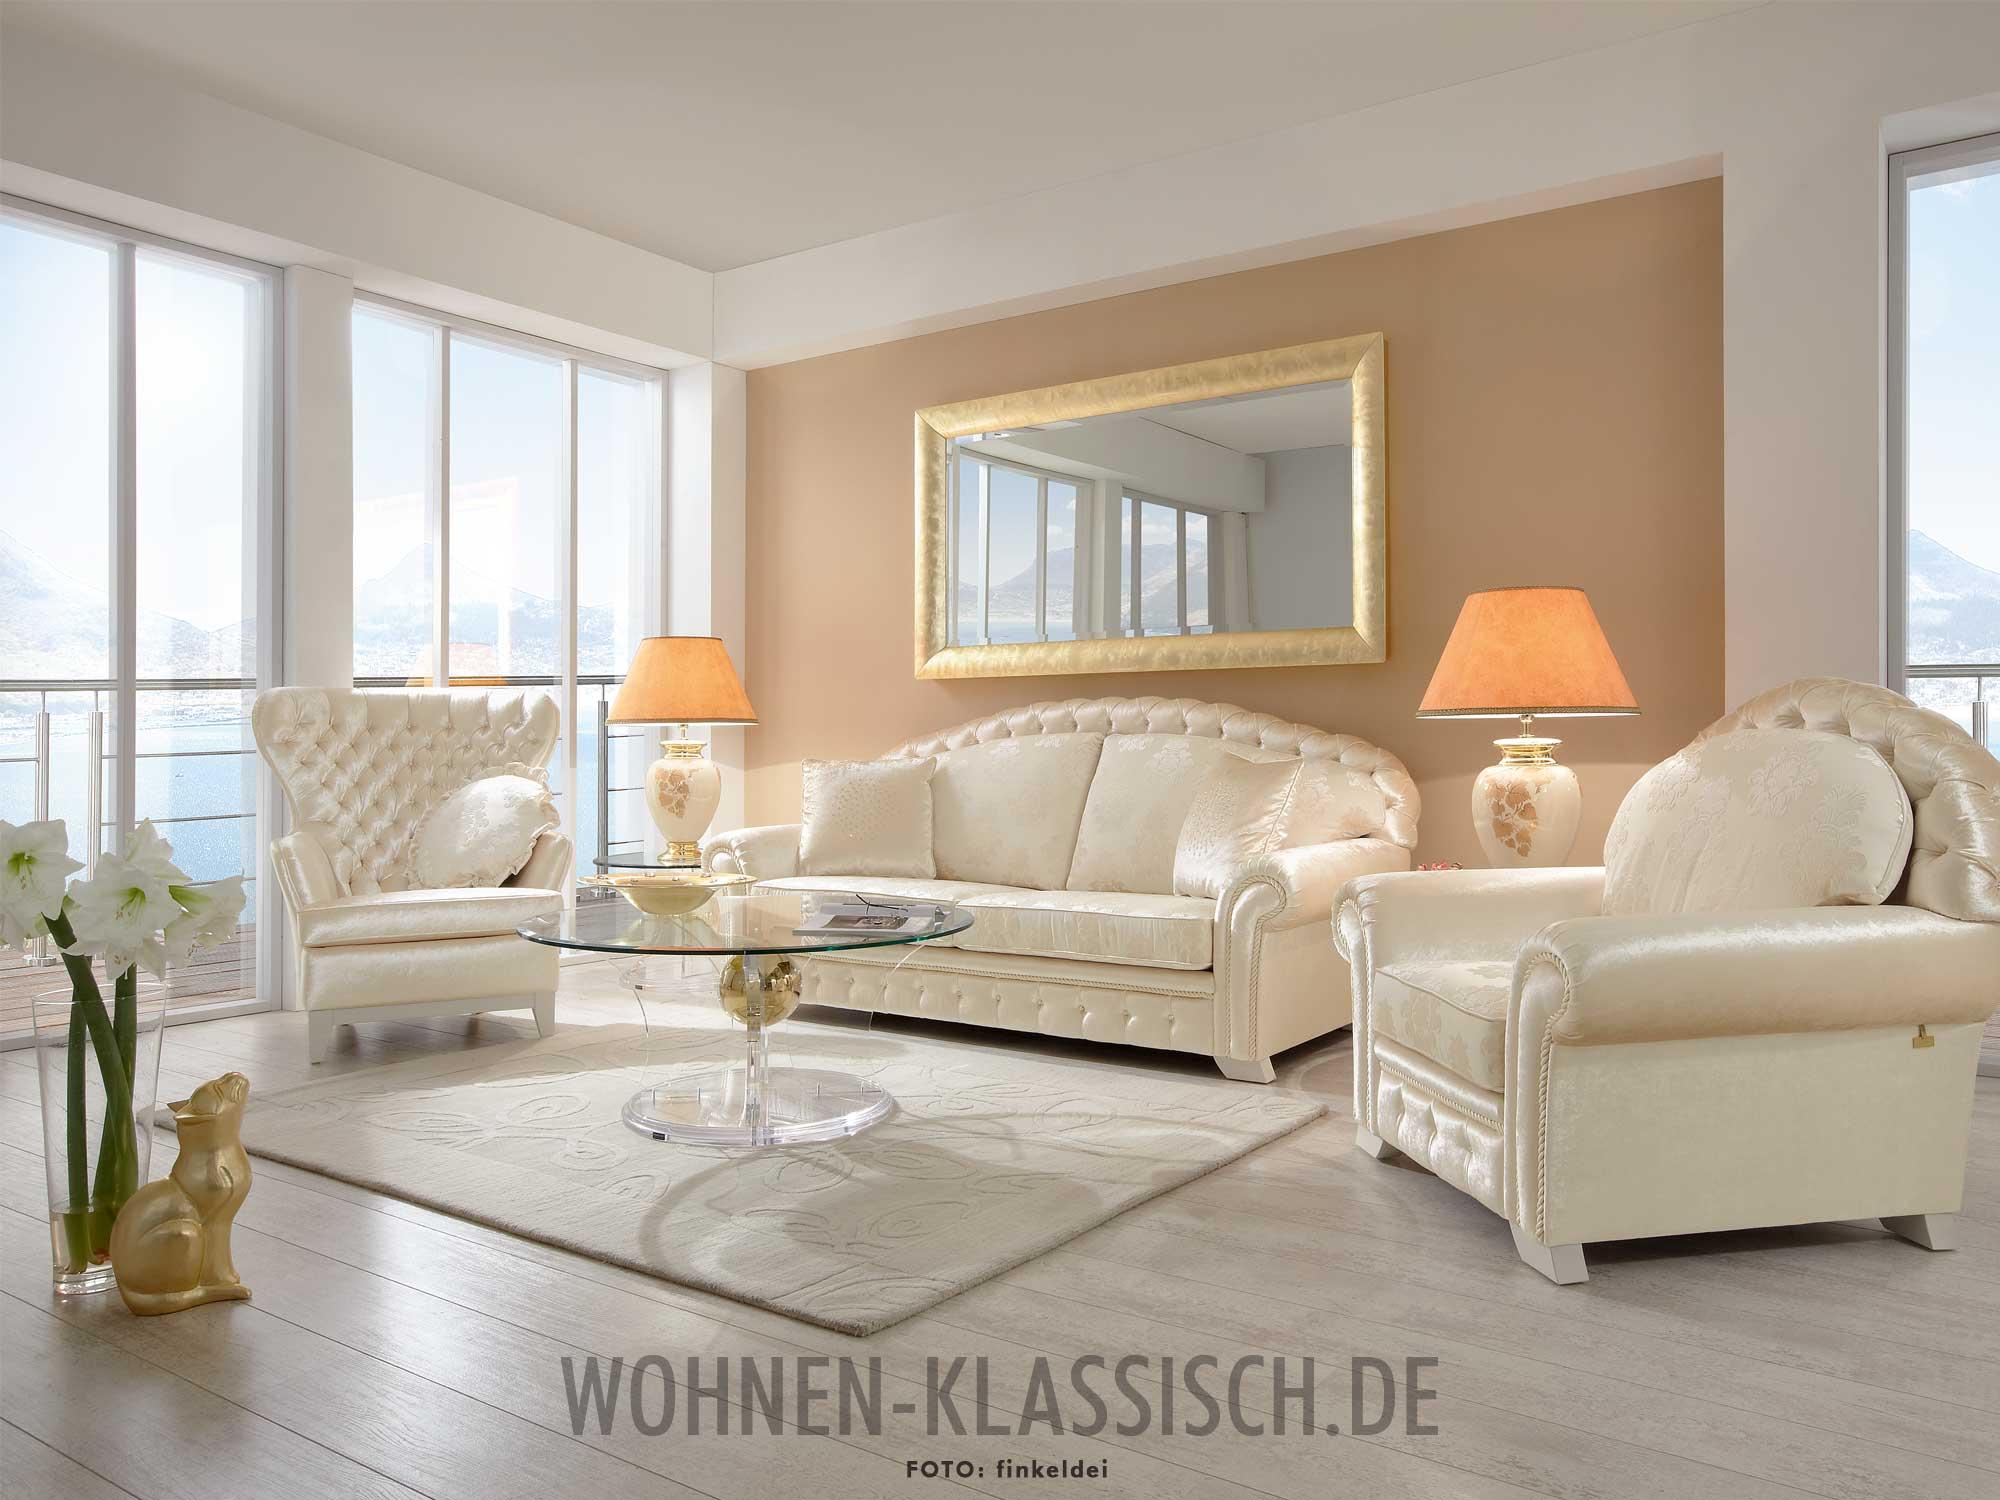 wohnzimmer eleganz mit feinem glanz klassisch wohnen. Black Bedroom Furniture Sets. Home Design Ideas